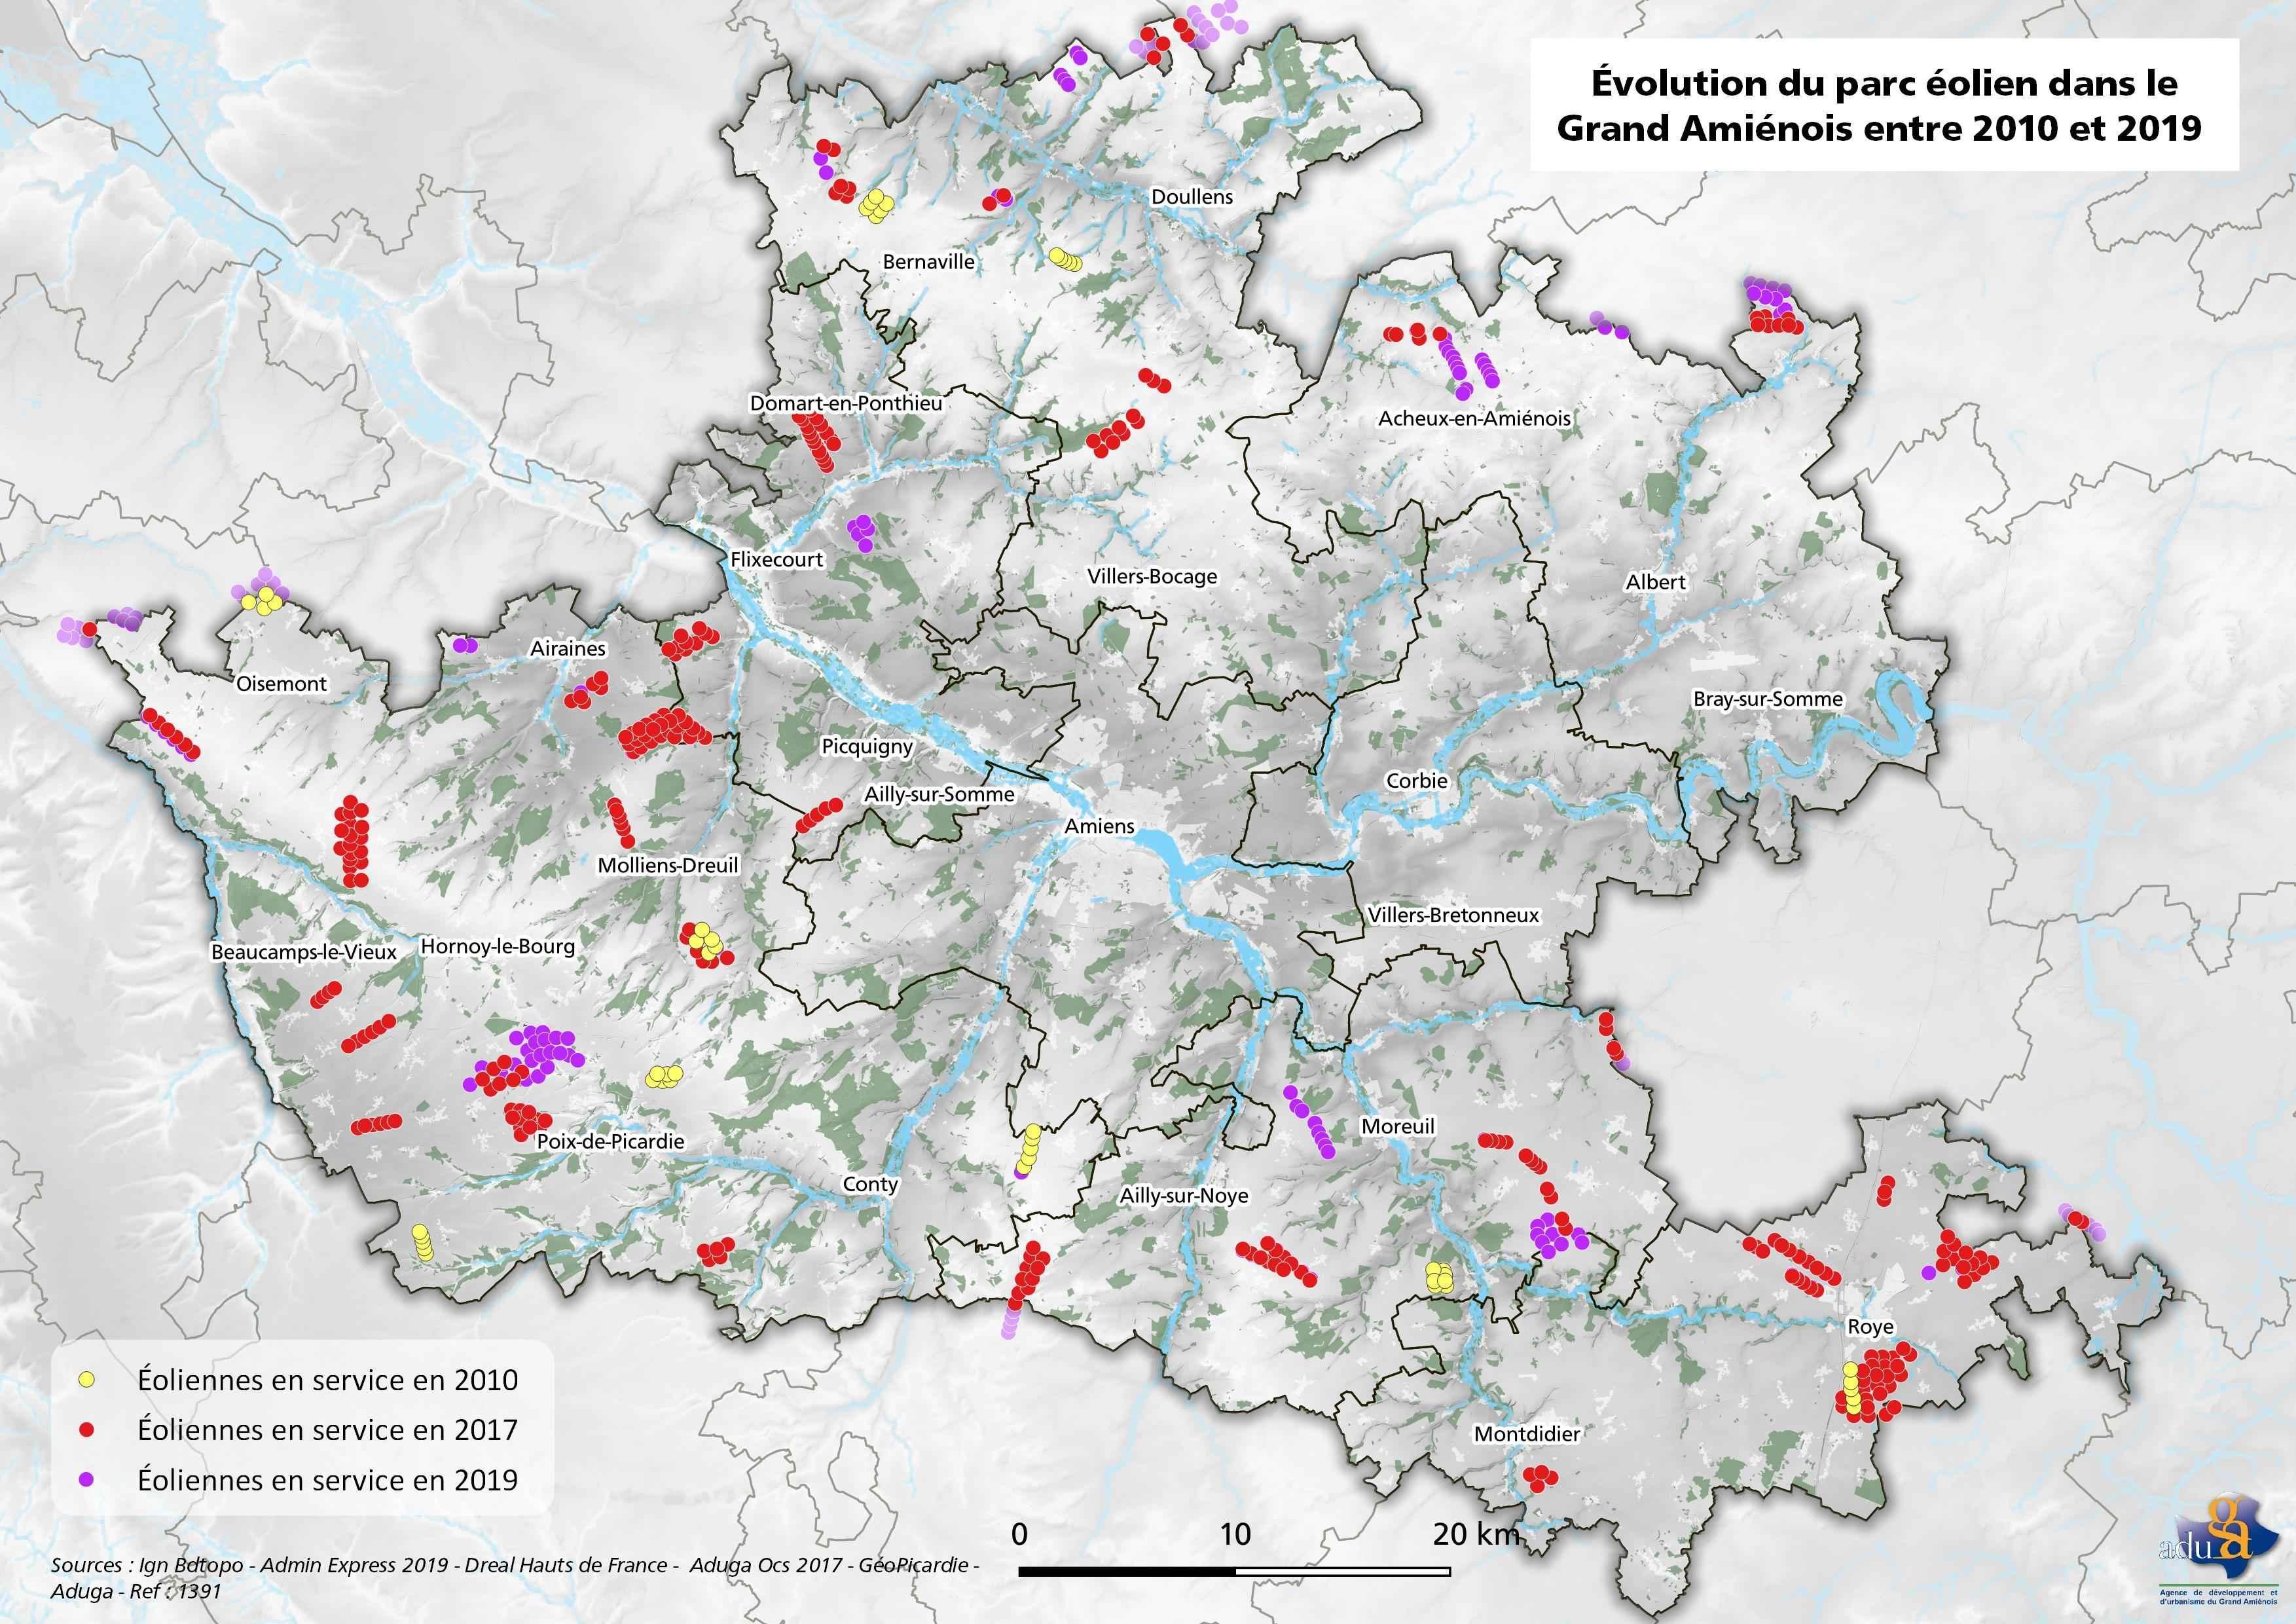 La carte du mois: Evolution du parc éolien dans le Grand Amiénois entre 2010 et 2019